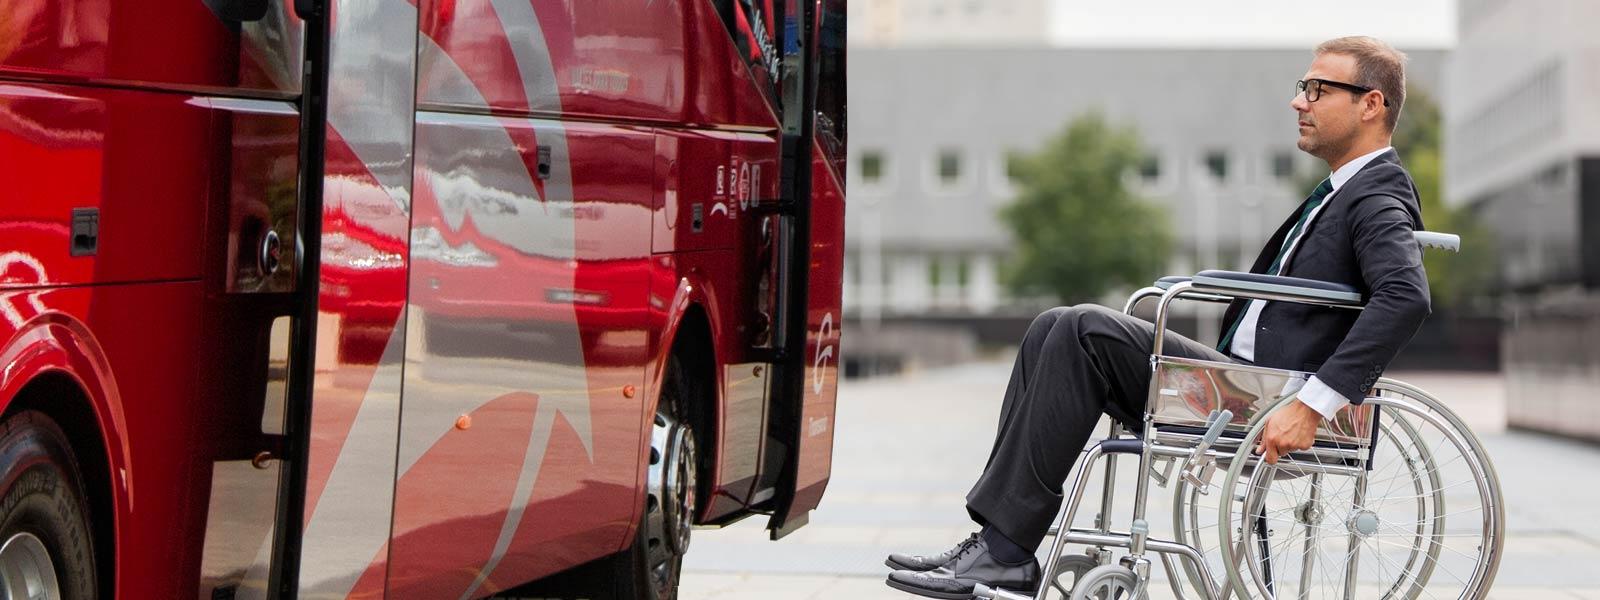 servicio autobus sin barreras